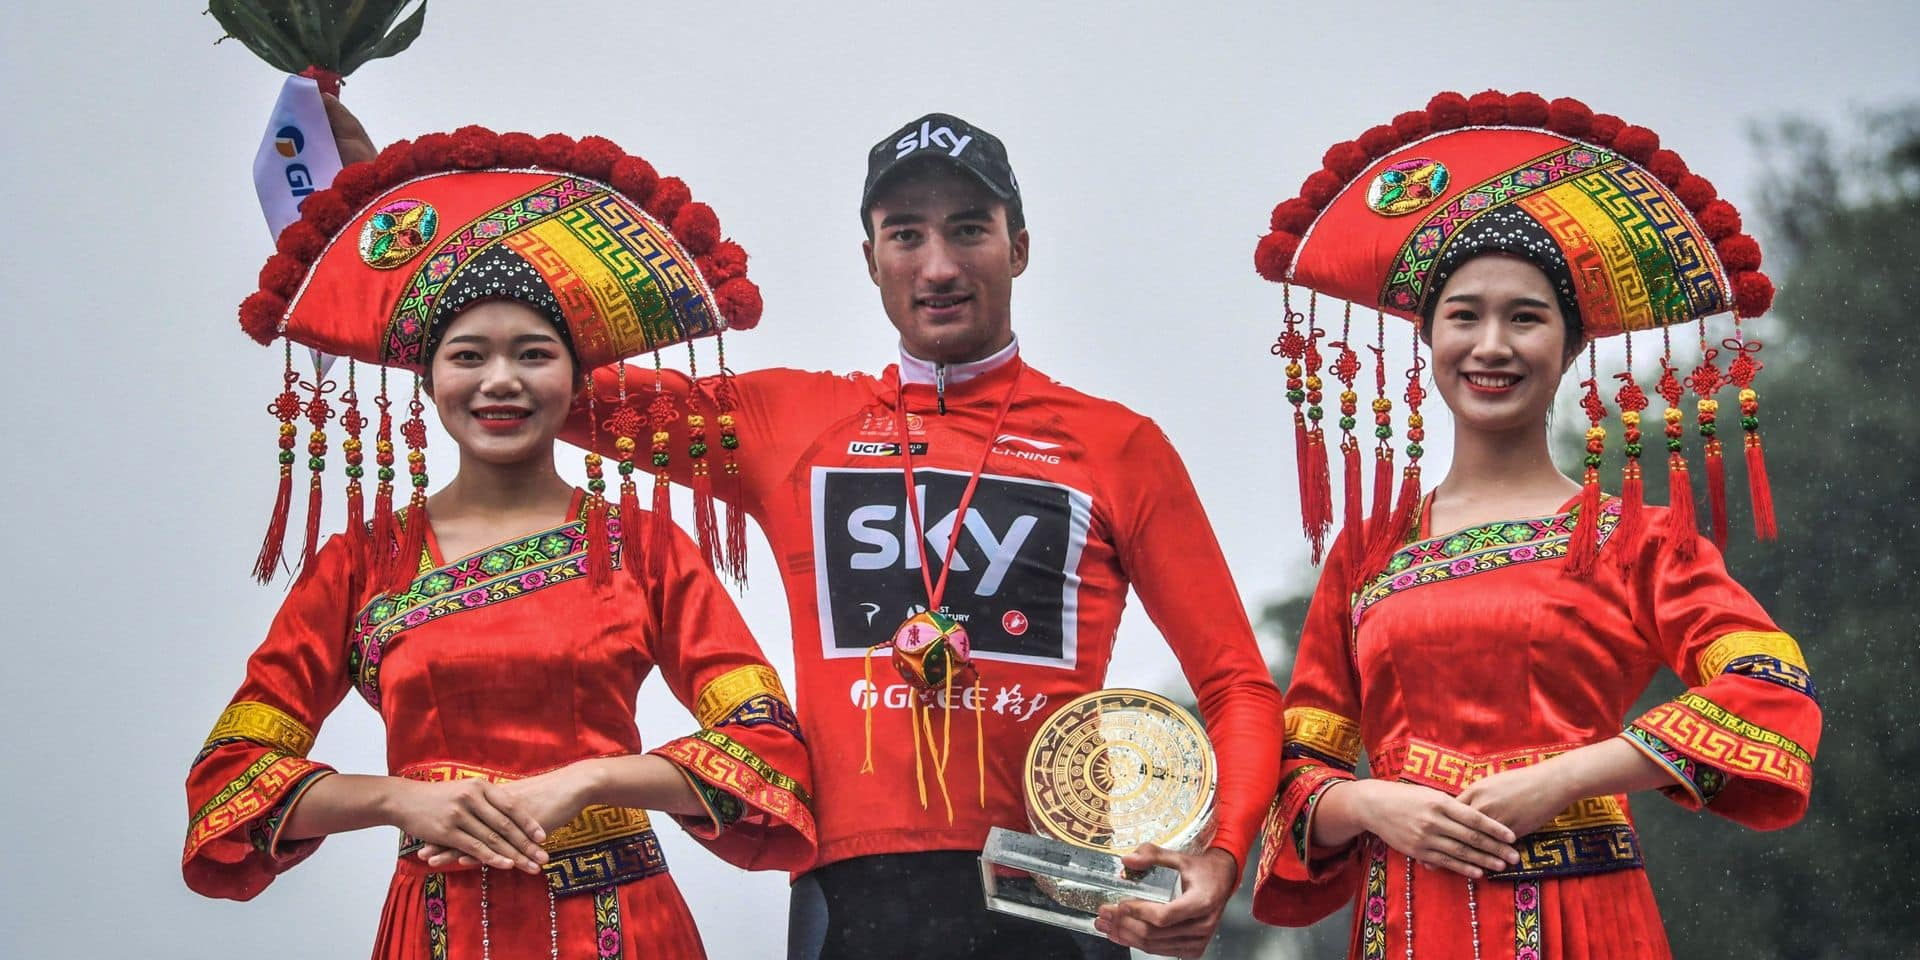 L'Italien Gianni Moscon a remporté l'édition 2018 de la course chinoise.